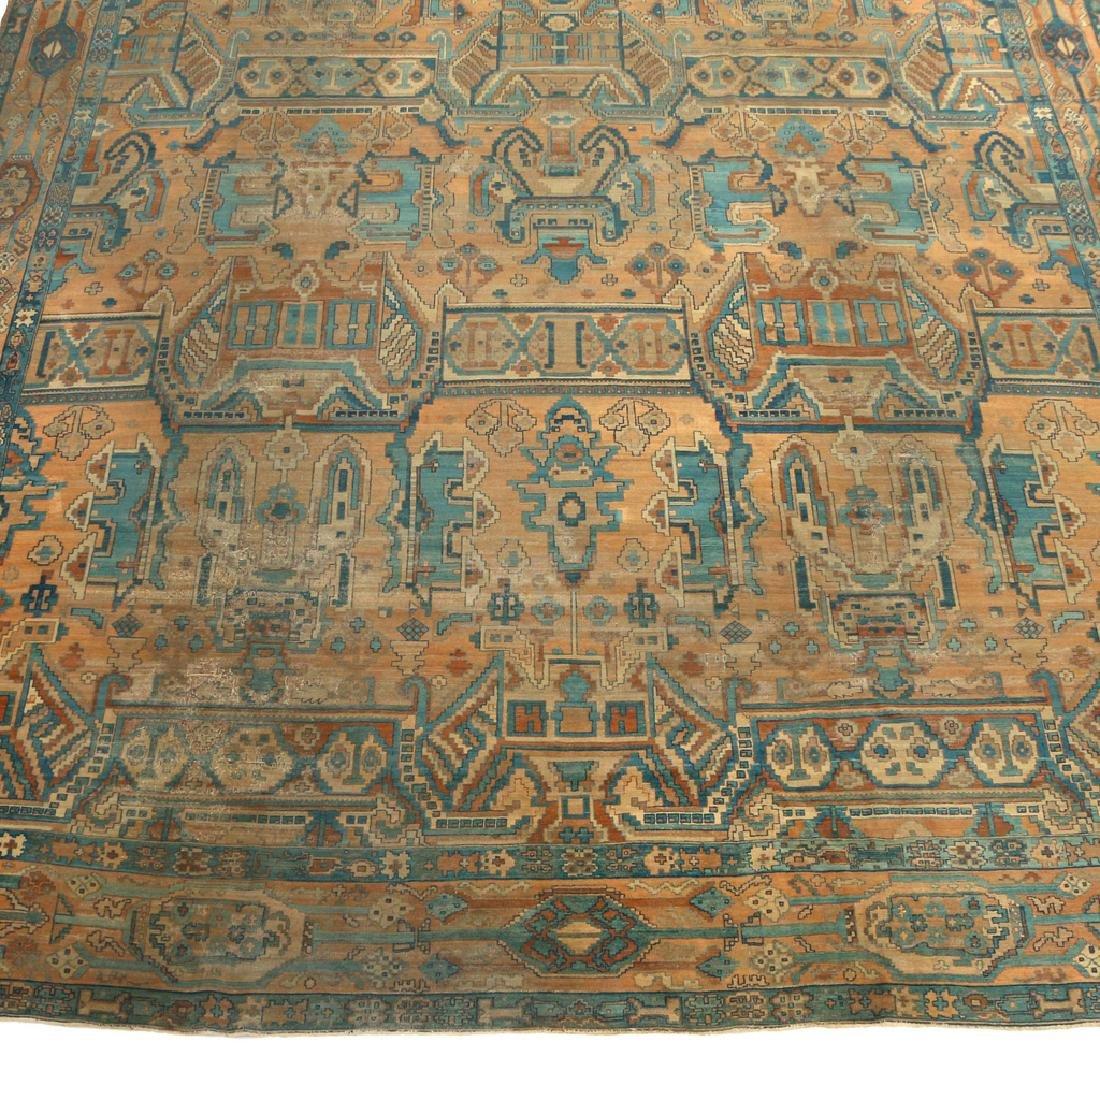 UNUSUAL PERSIAN OR INDIAN GEOMETRIC CARPET - 2